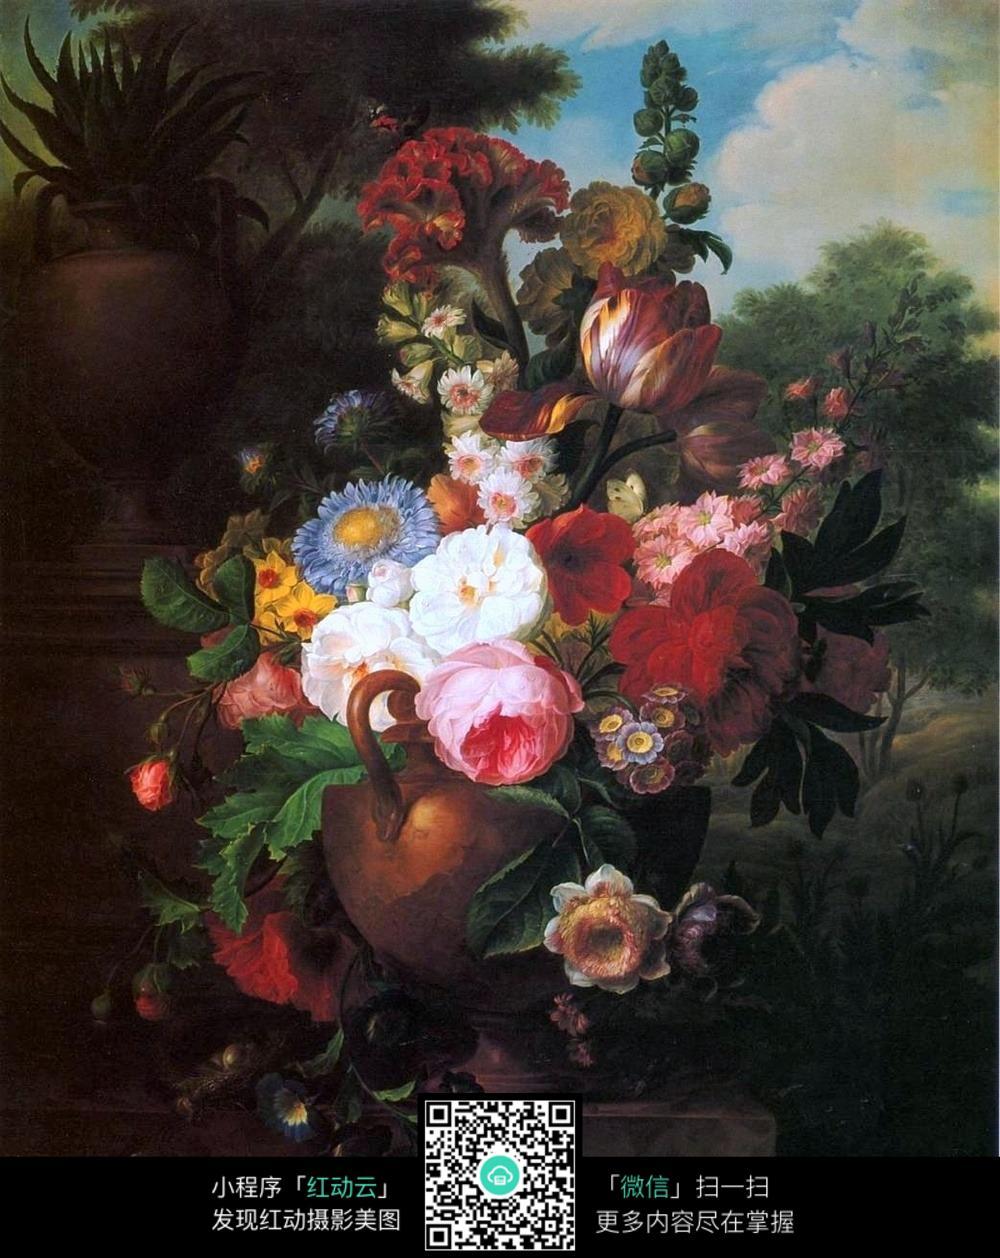 高清花卉写实油画图片免费下载 编号5348706 红动网